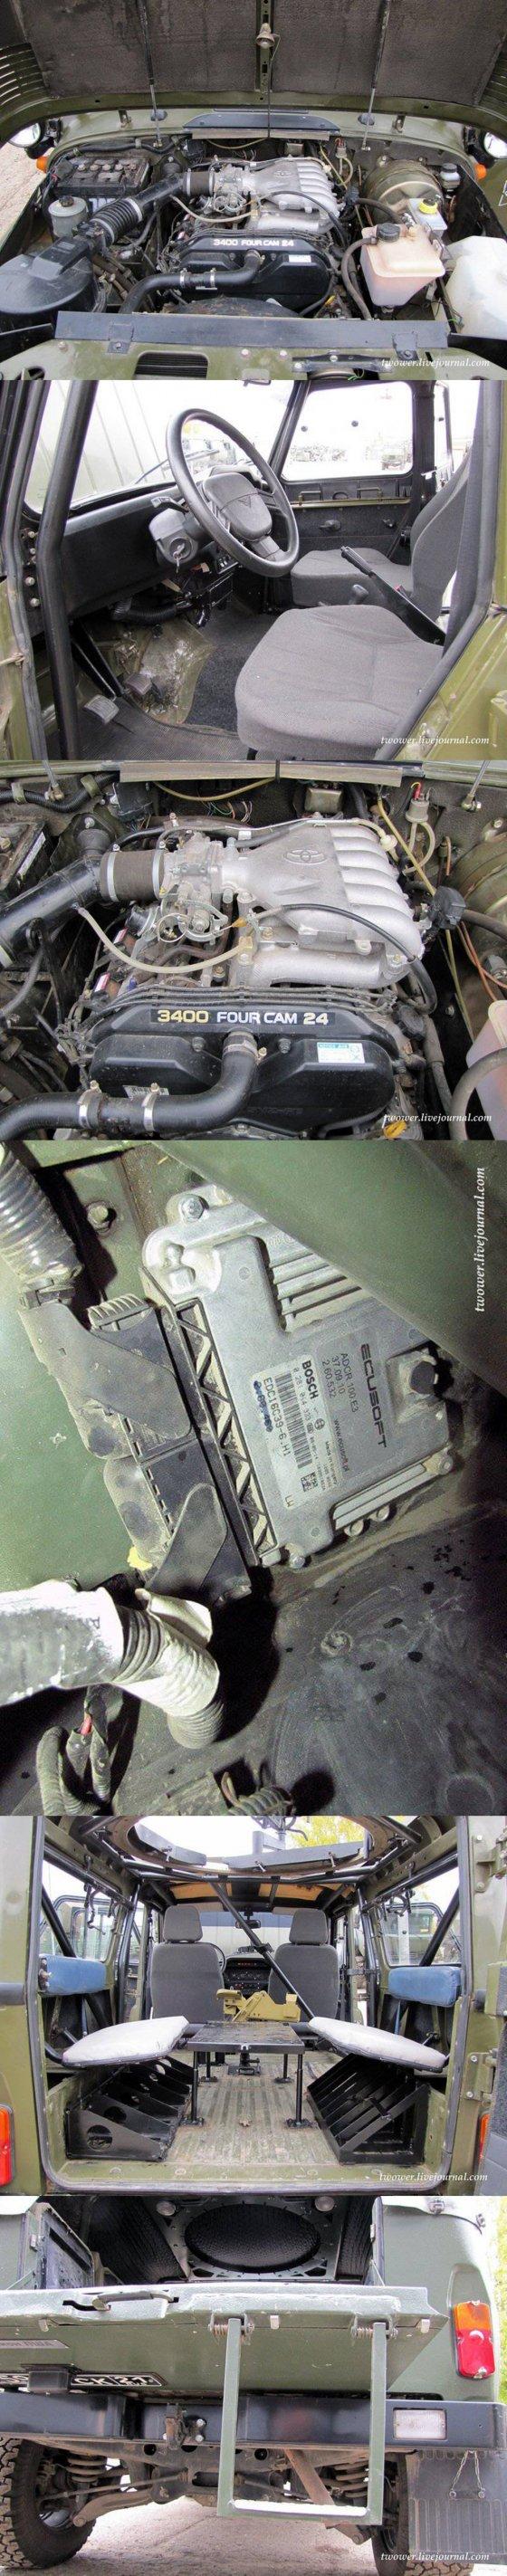 """რუსებმა  """"УАЗ""""-ი  აღჭურვეს """"ტოიოტას""""  მძლავრი, 6 ცილინდრიანი ძრავით, რესორი კი ზამბარებით შეცვალეს"""